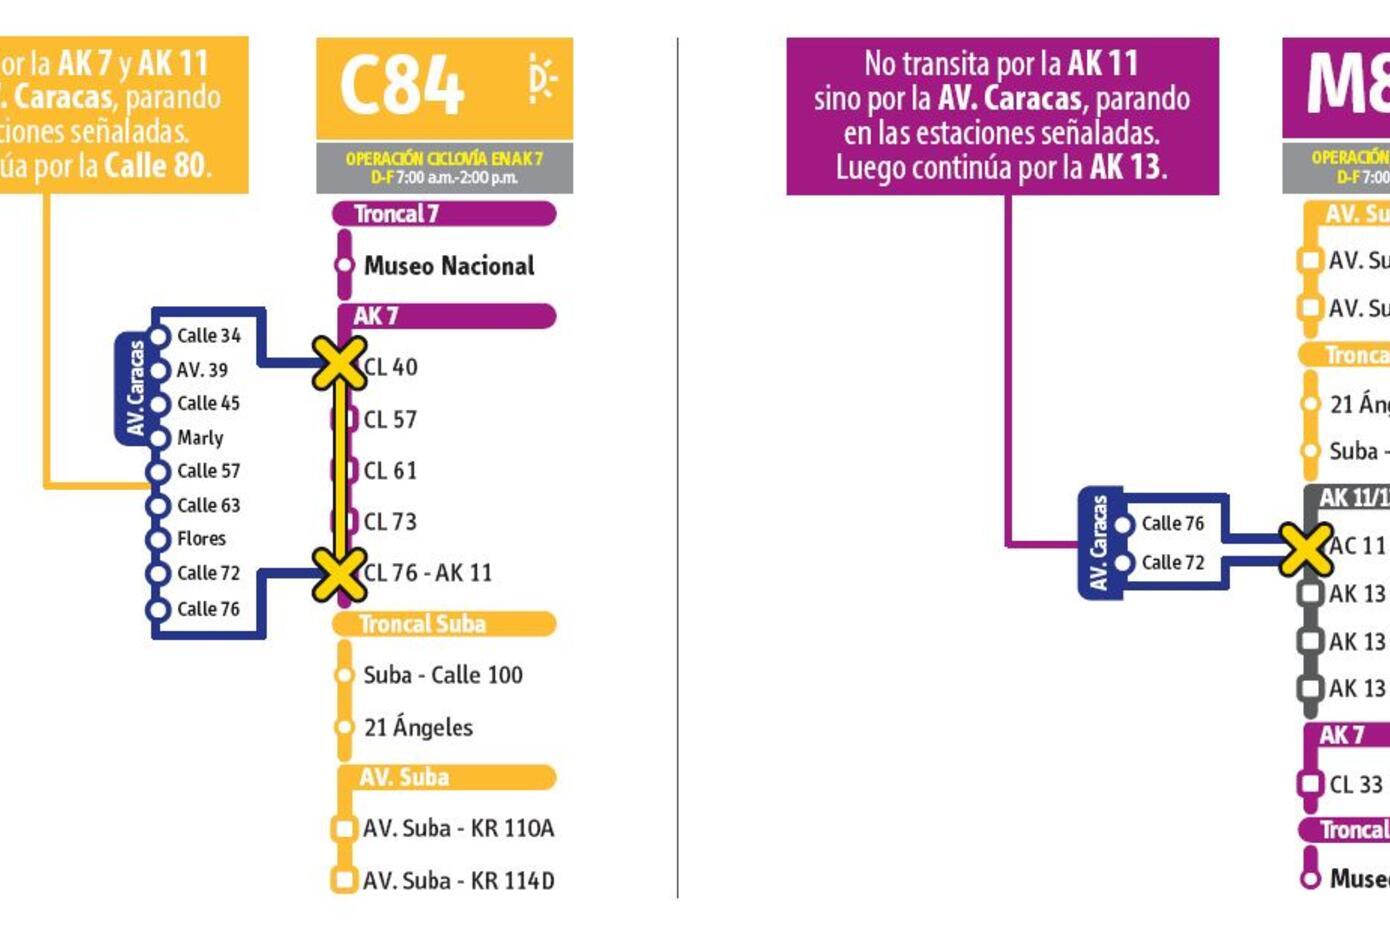 Cambios en las rutas duales de Transmilenio